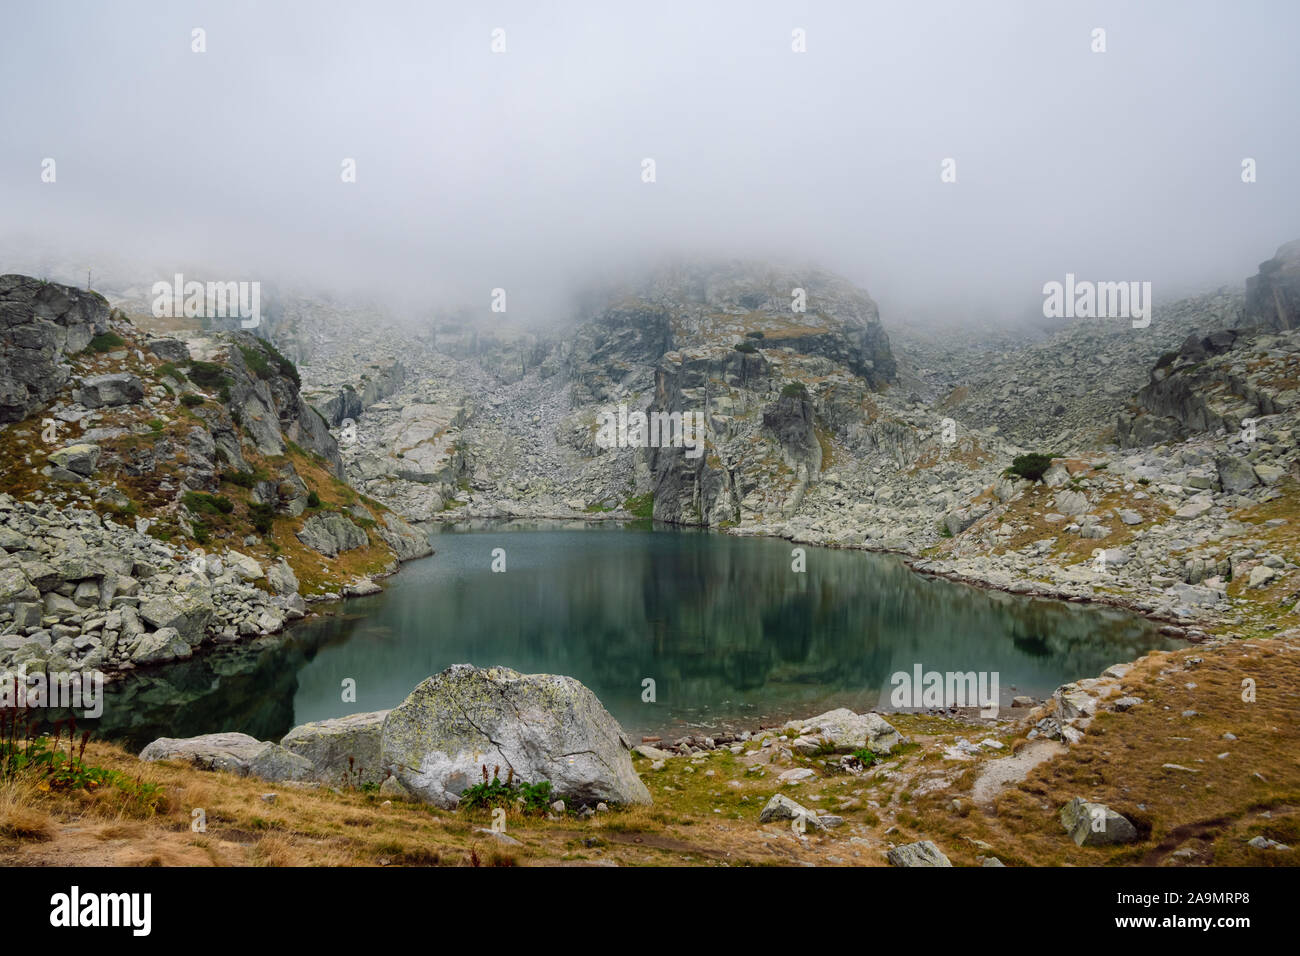 Vista de un hermoso lago de alta montaña con aguas tranquilas rodeado de niebla orilla rocosa. El Lago de miedo, el Parque Nacional de Rila, Bulgaria. Foto de stock